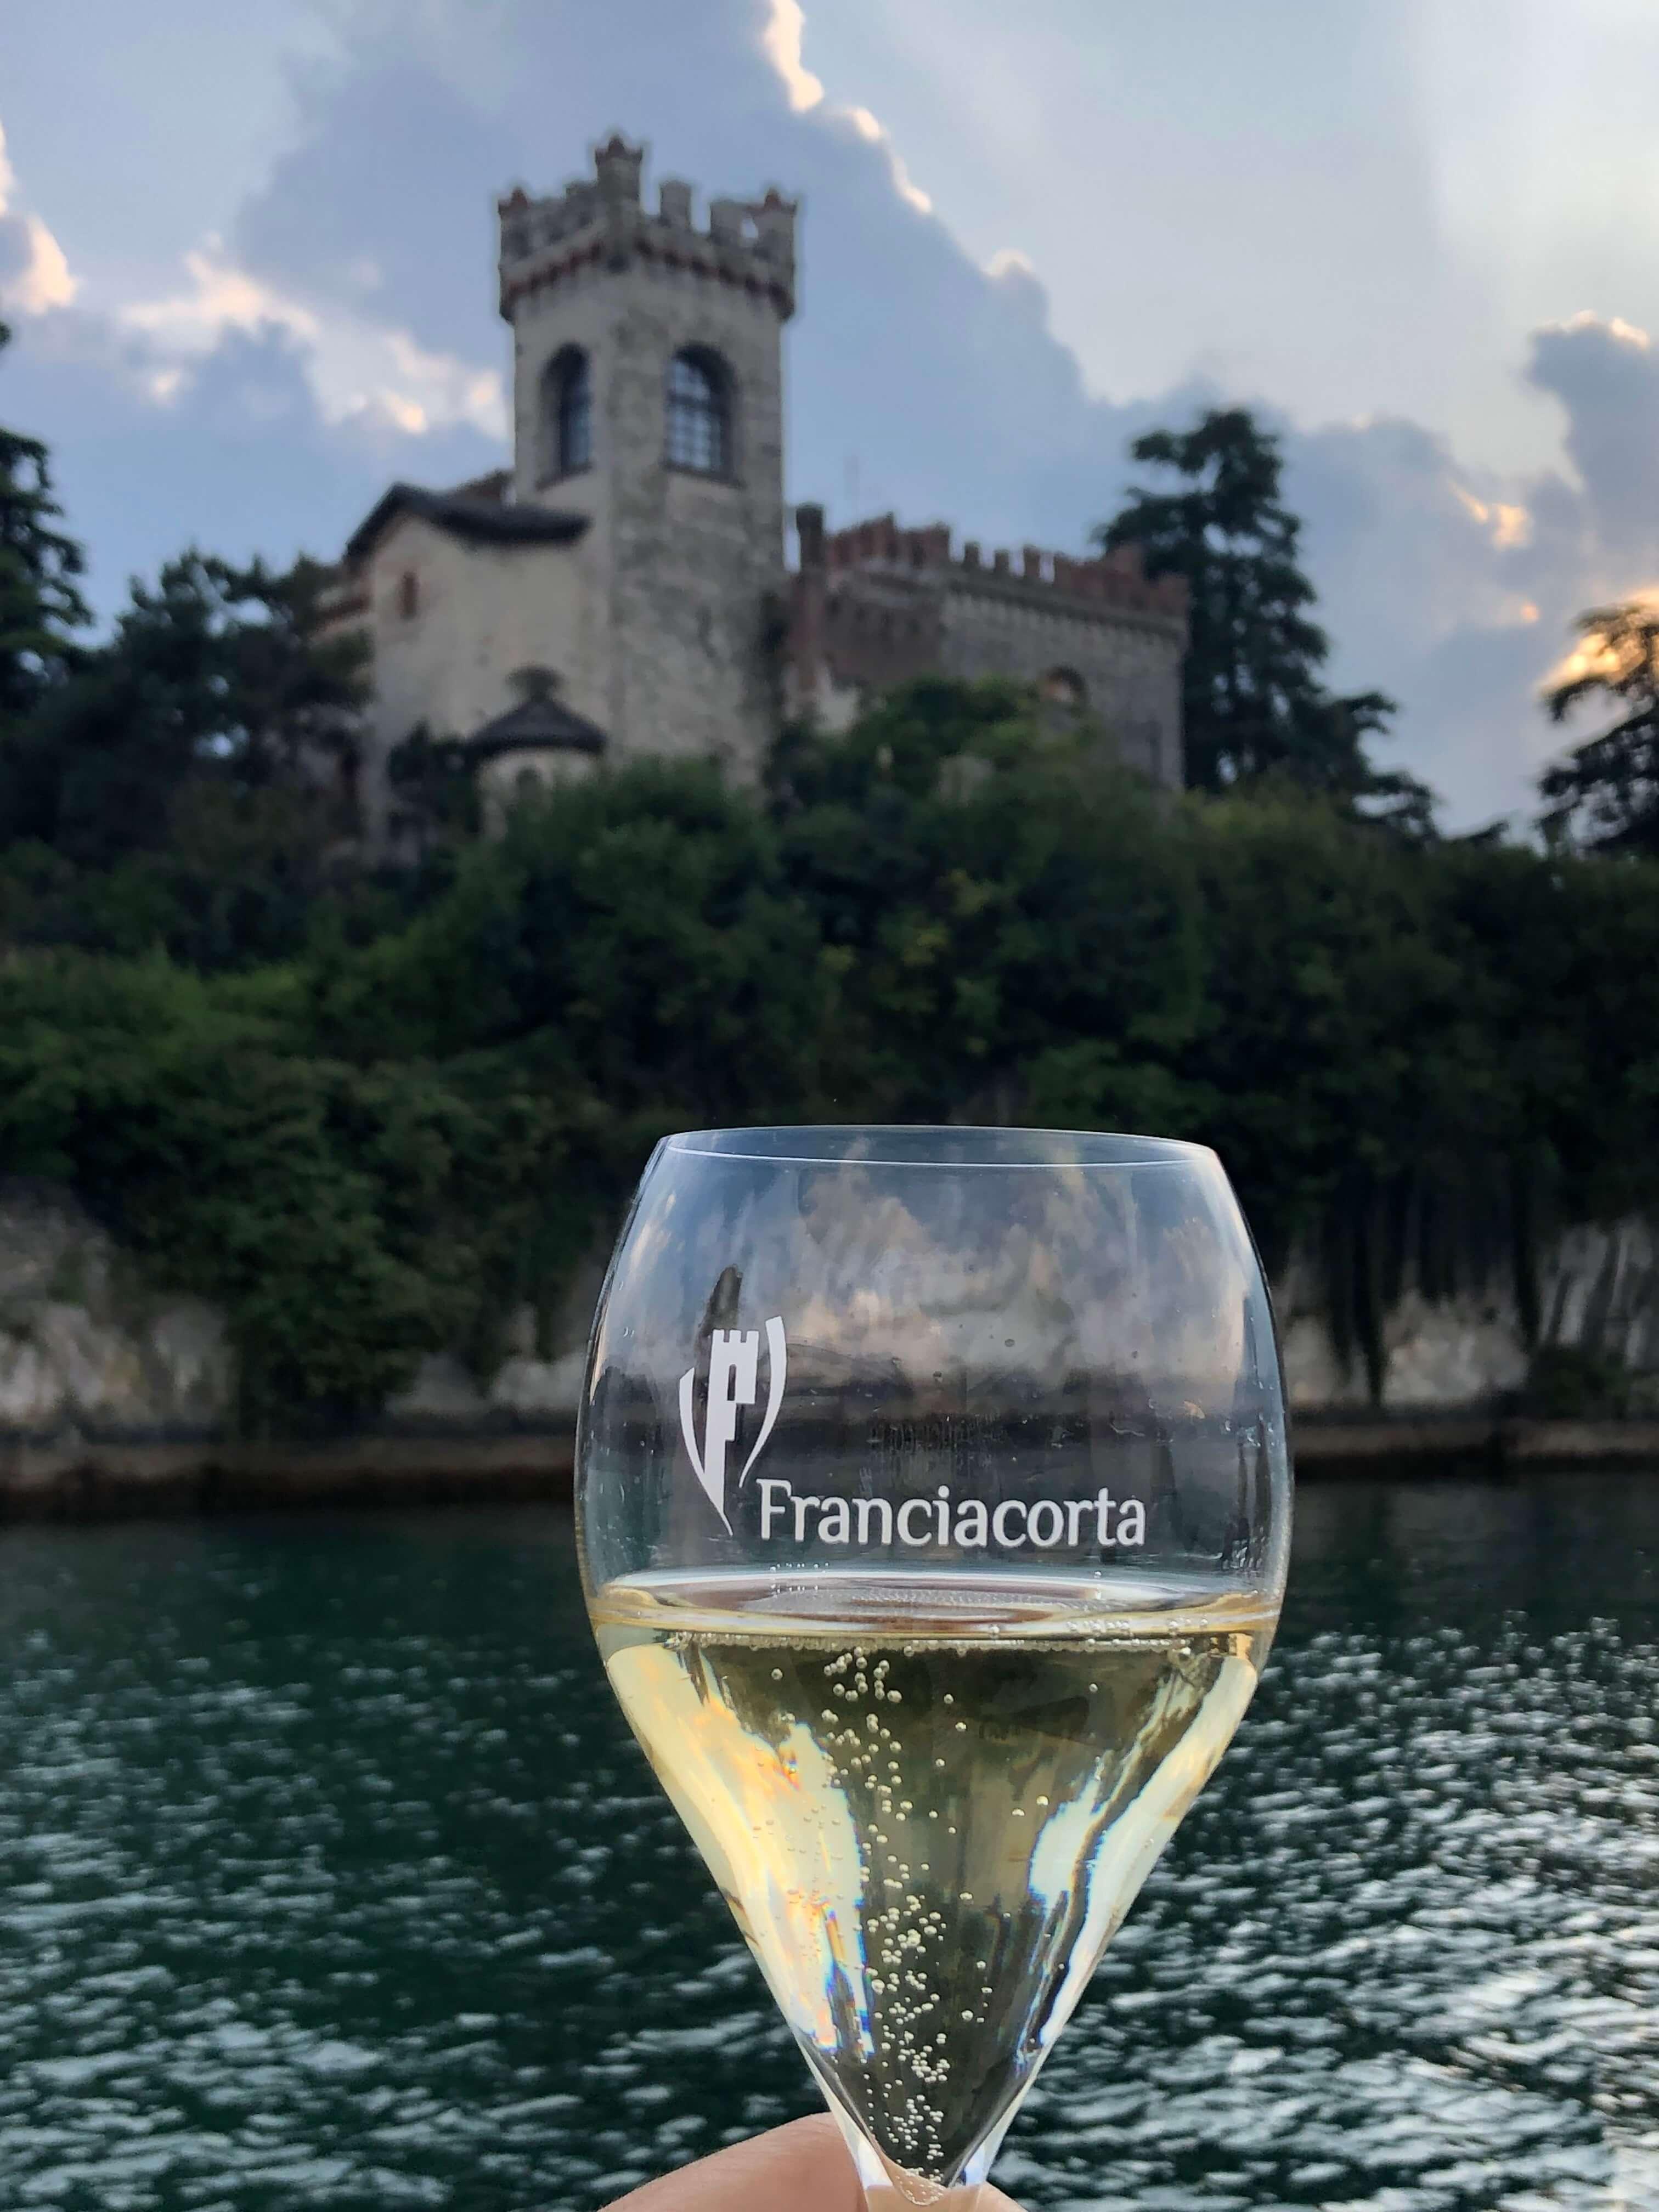 Franciacorta wine region yacht cruise